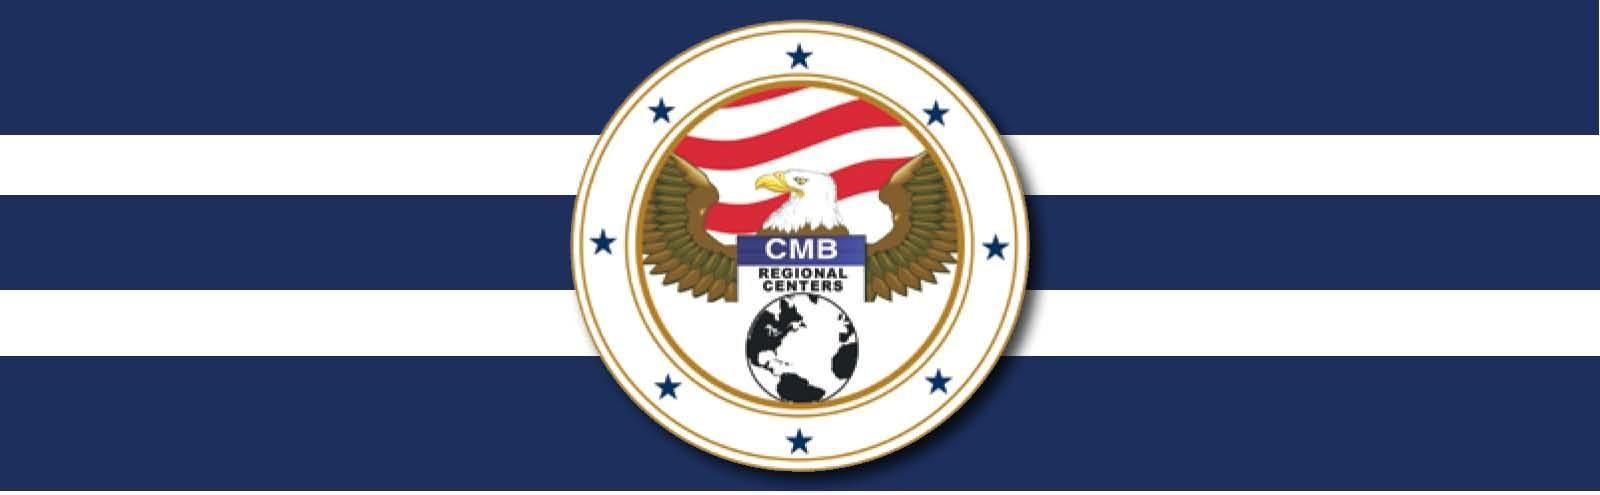 Dự án trung tâm vùng EB5 của CMB